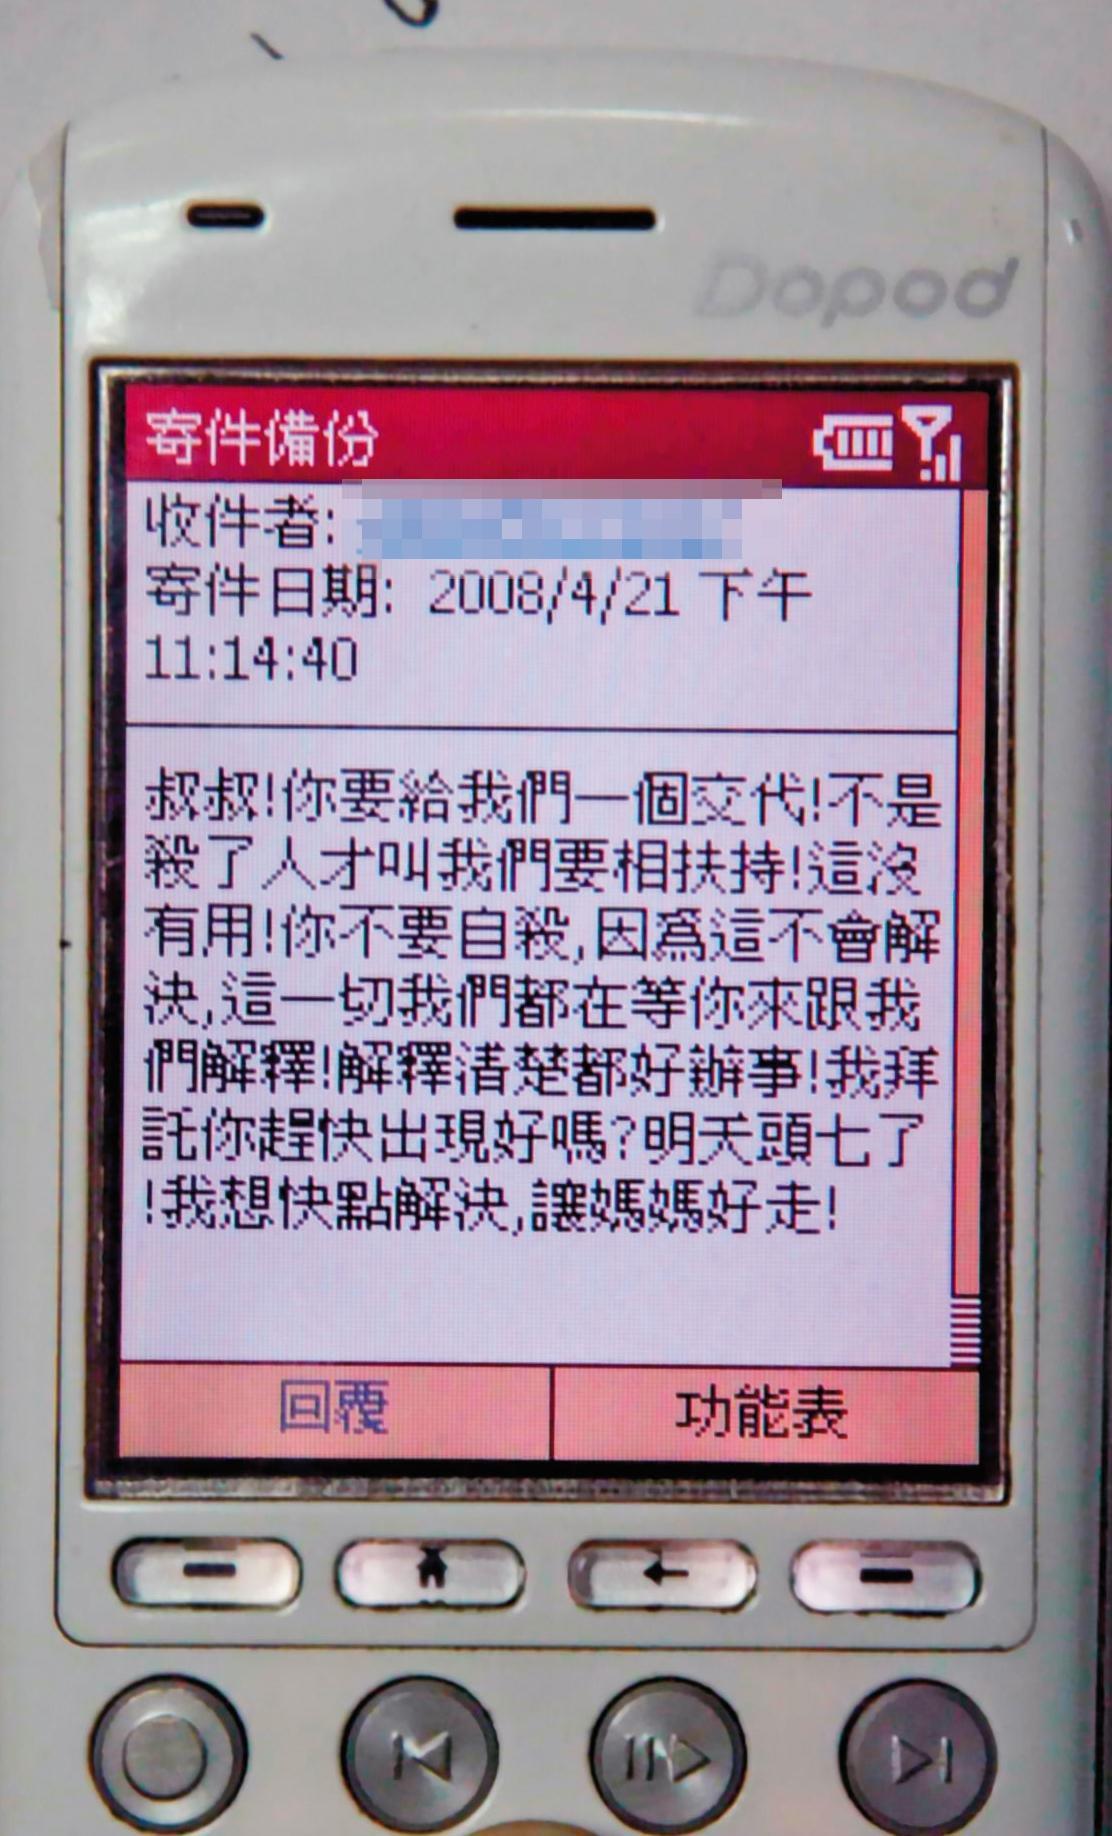 死者女兒當年傳簡訊給林吉杉,勸他出面投案,讓母親能一路好走,警方也藉此鎖定林的躲藏地點。(翻攝畫面)